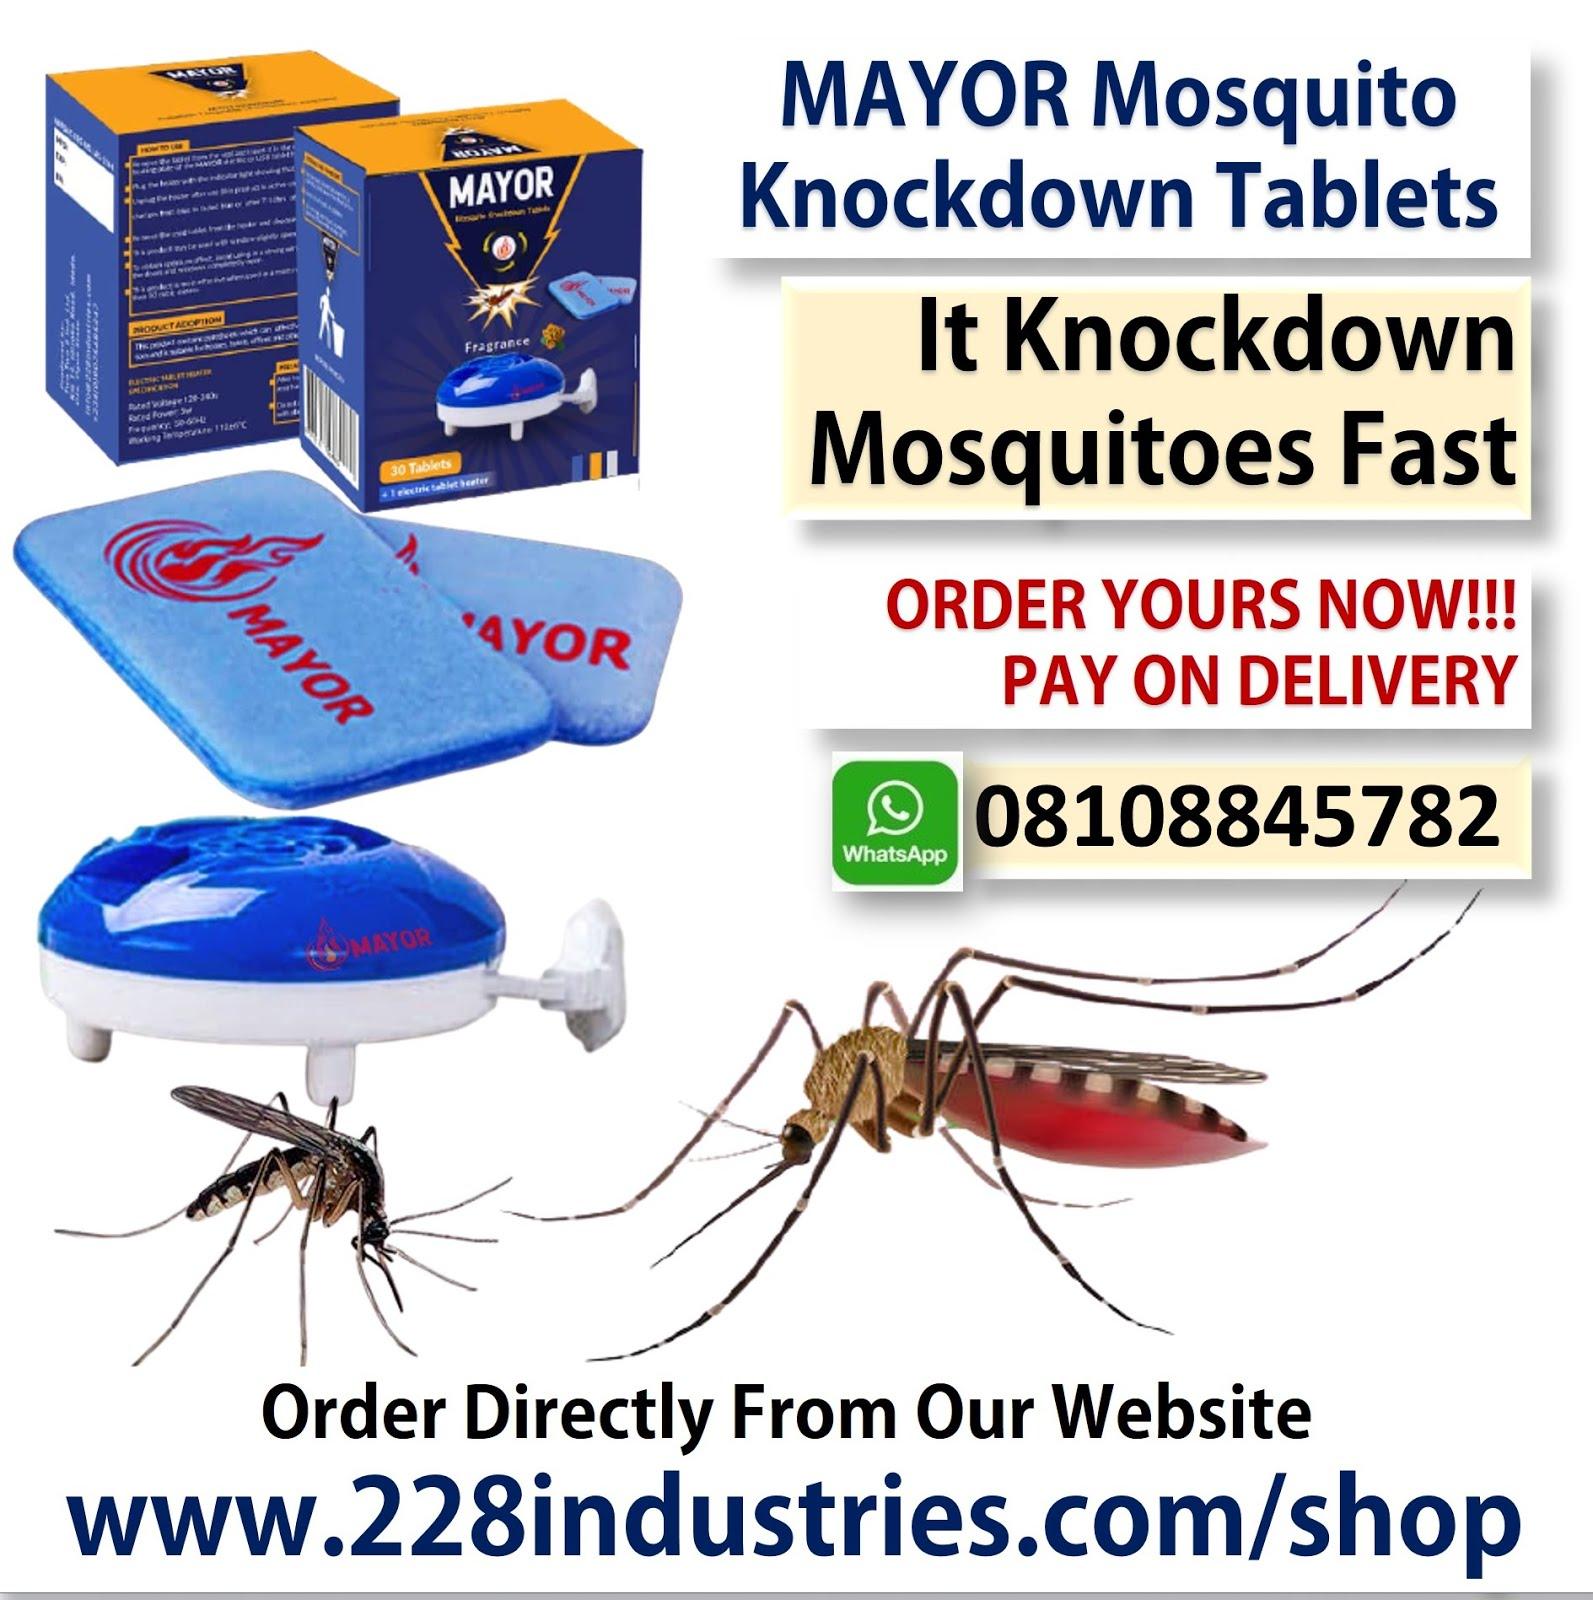 Buy Mayor Mosquito Knockdown